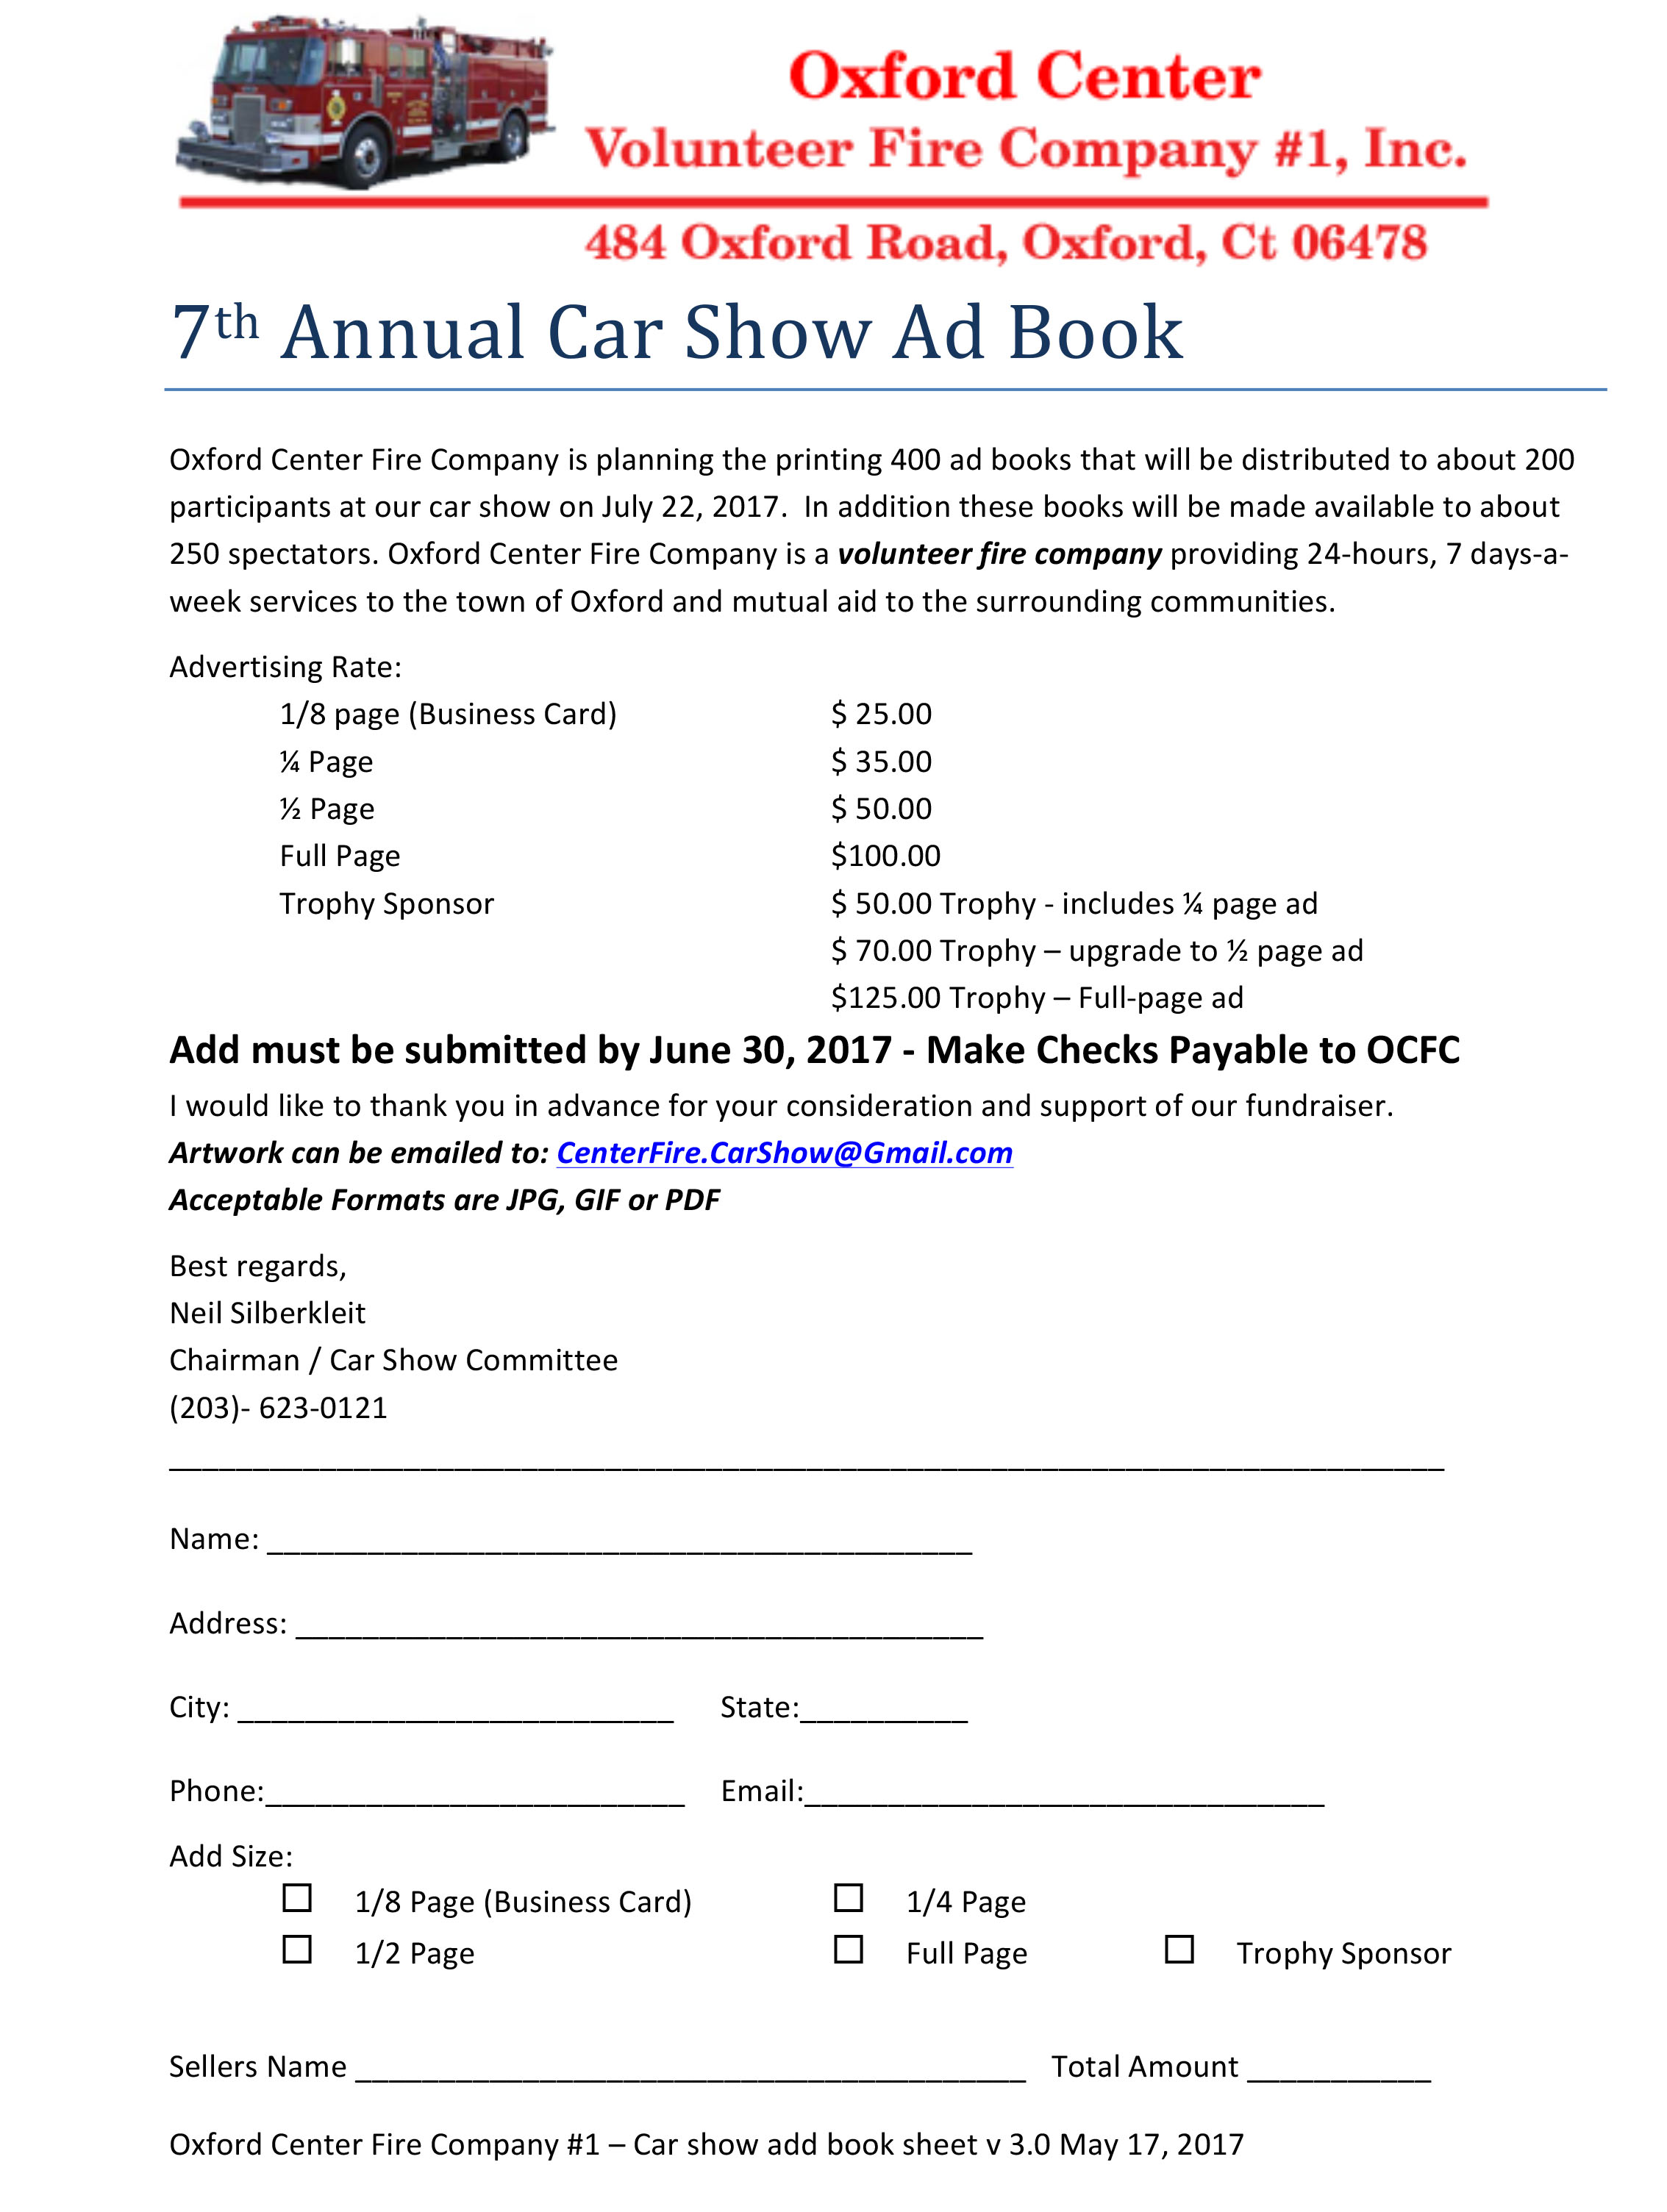 Car Show | Oxford Center Fire Company #1